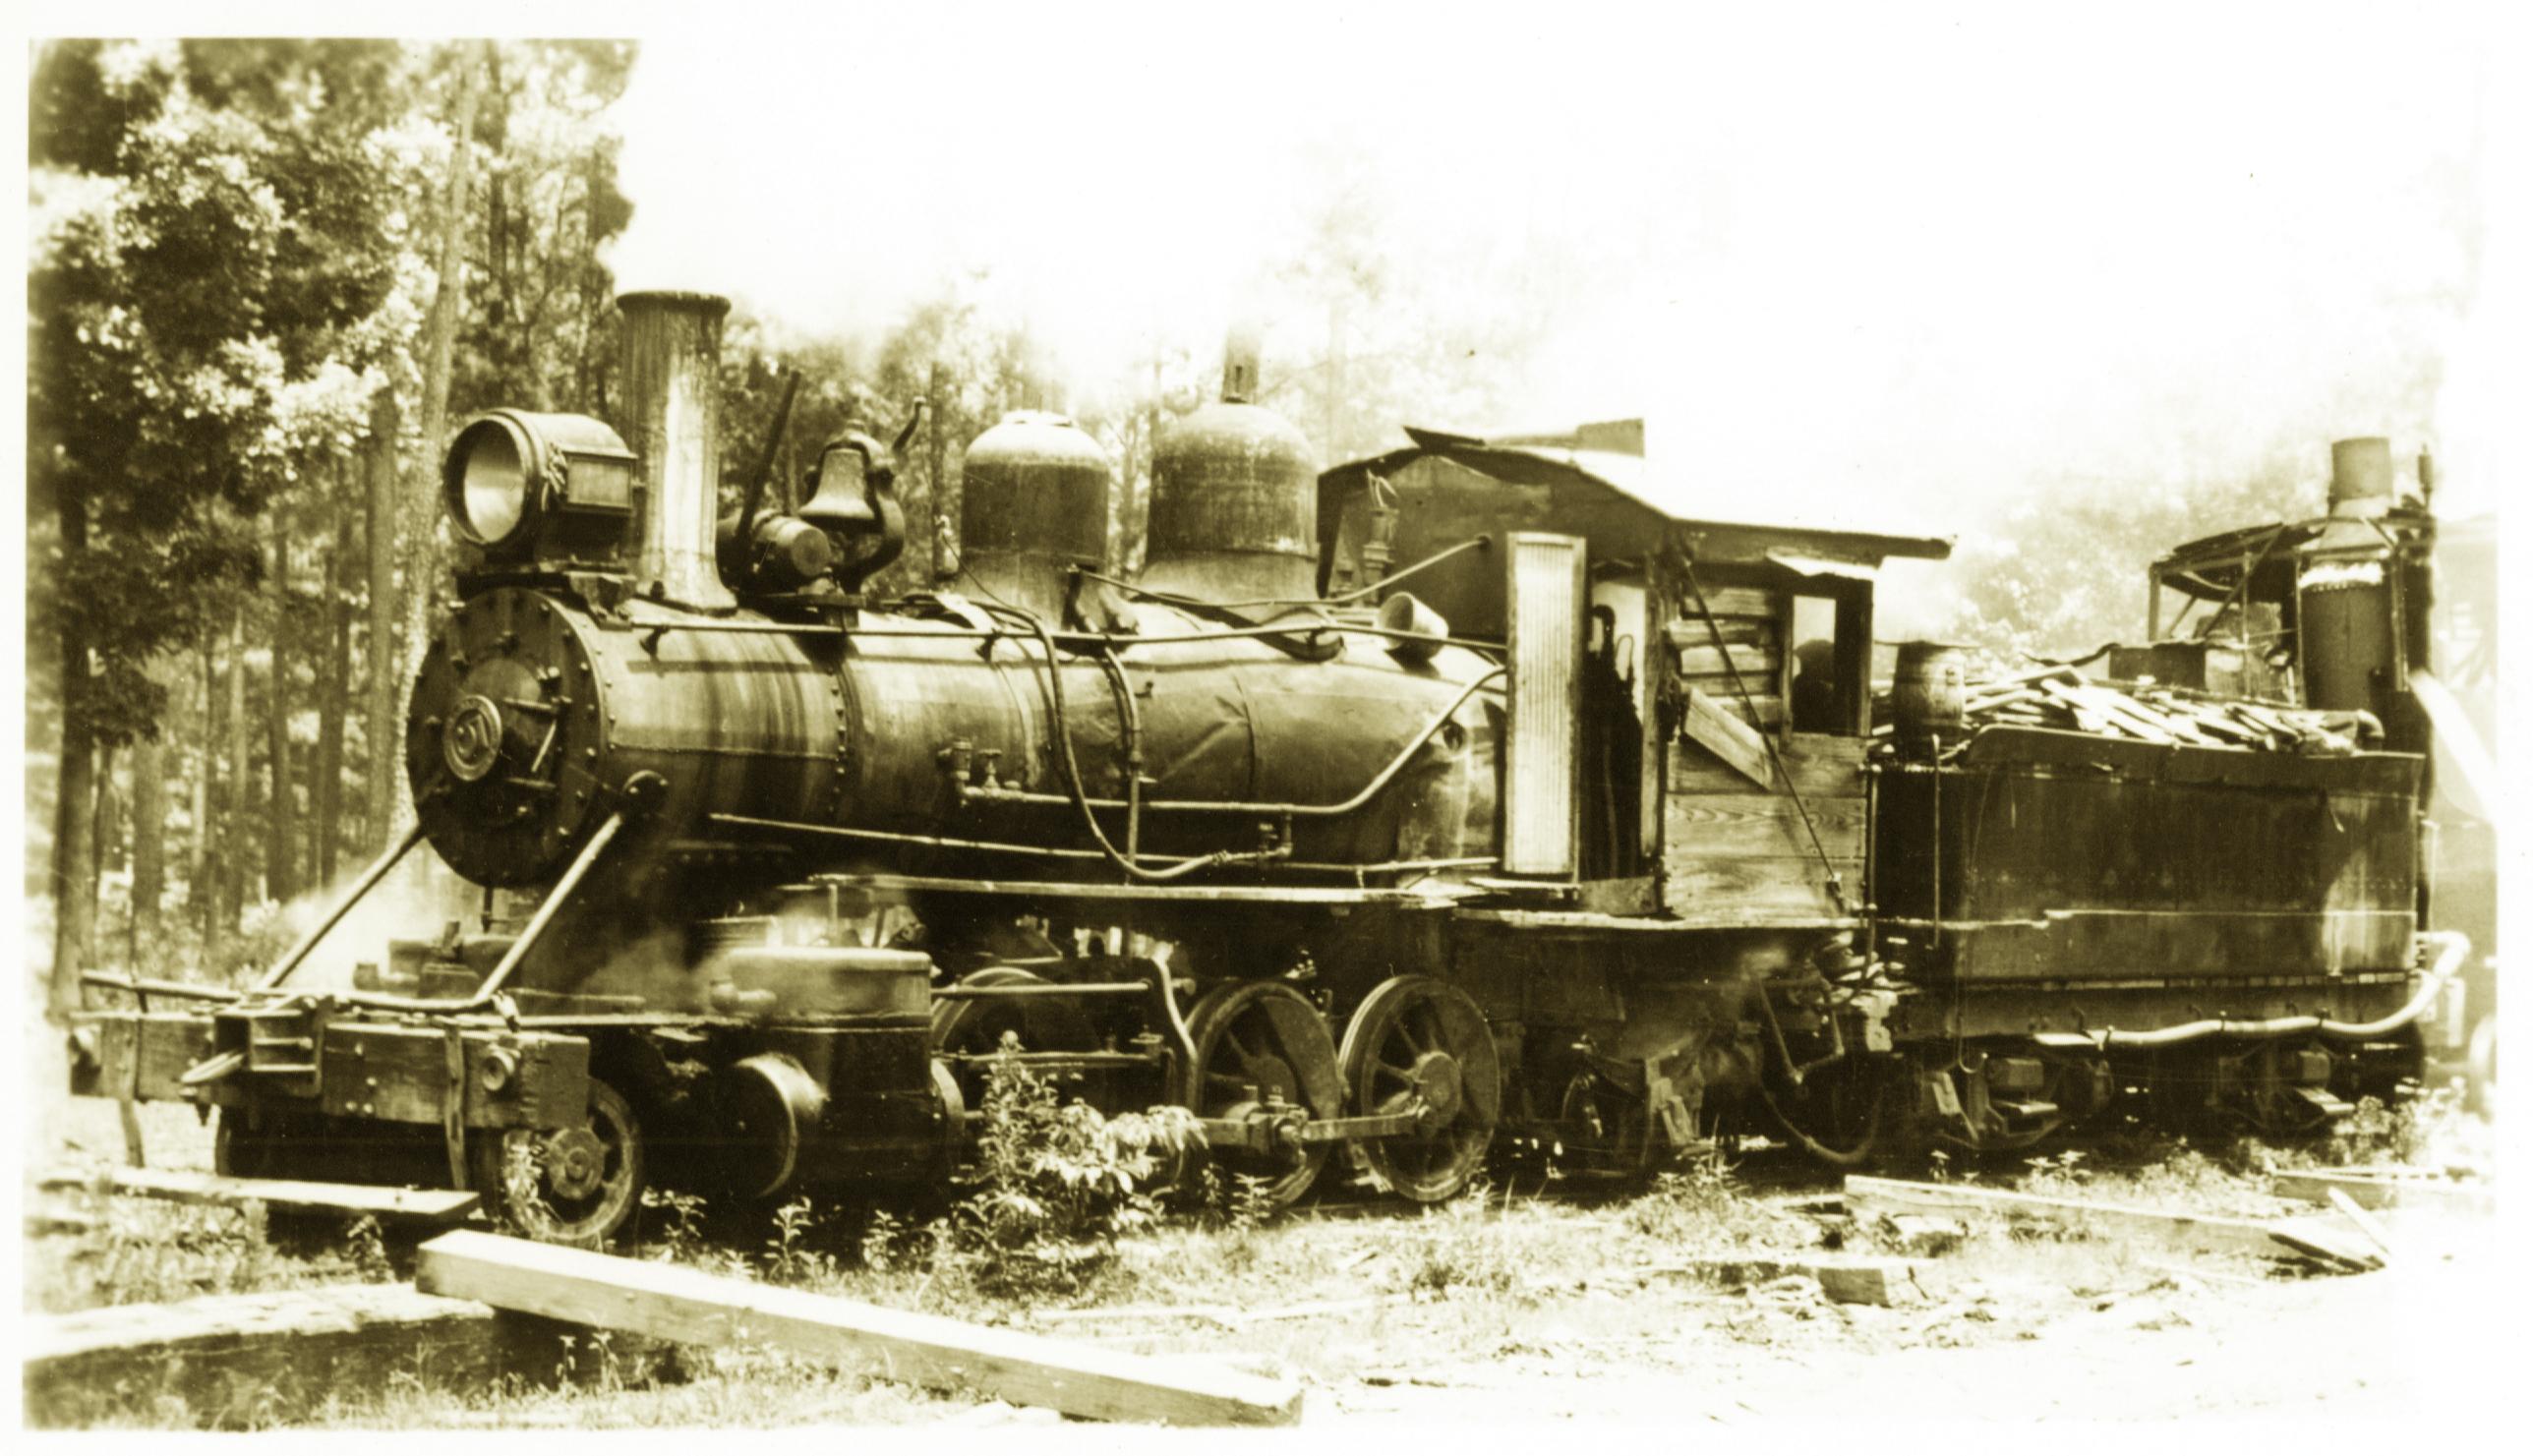 Locomotive No. 5 (1941)